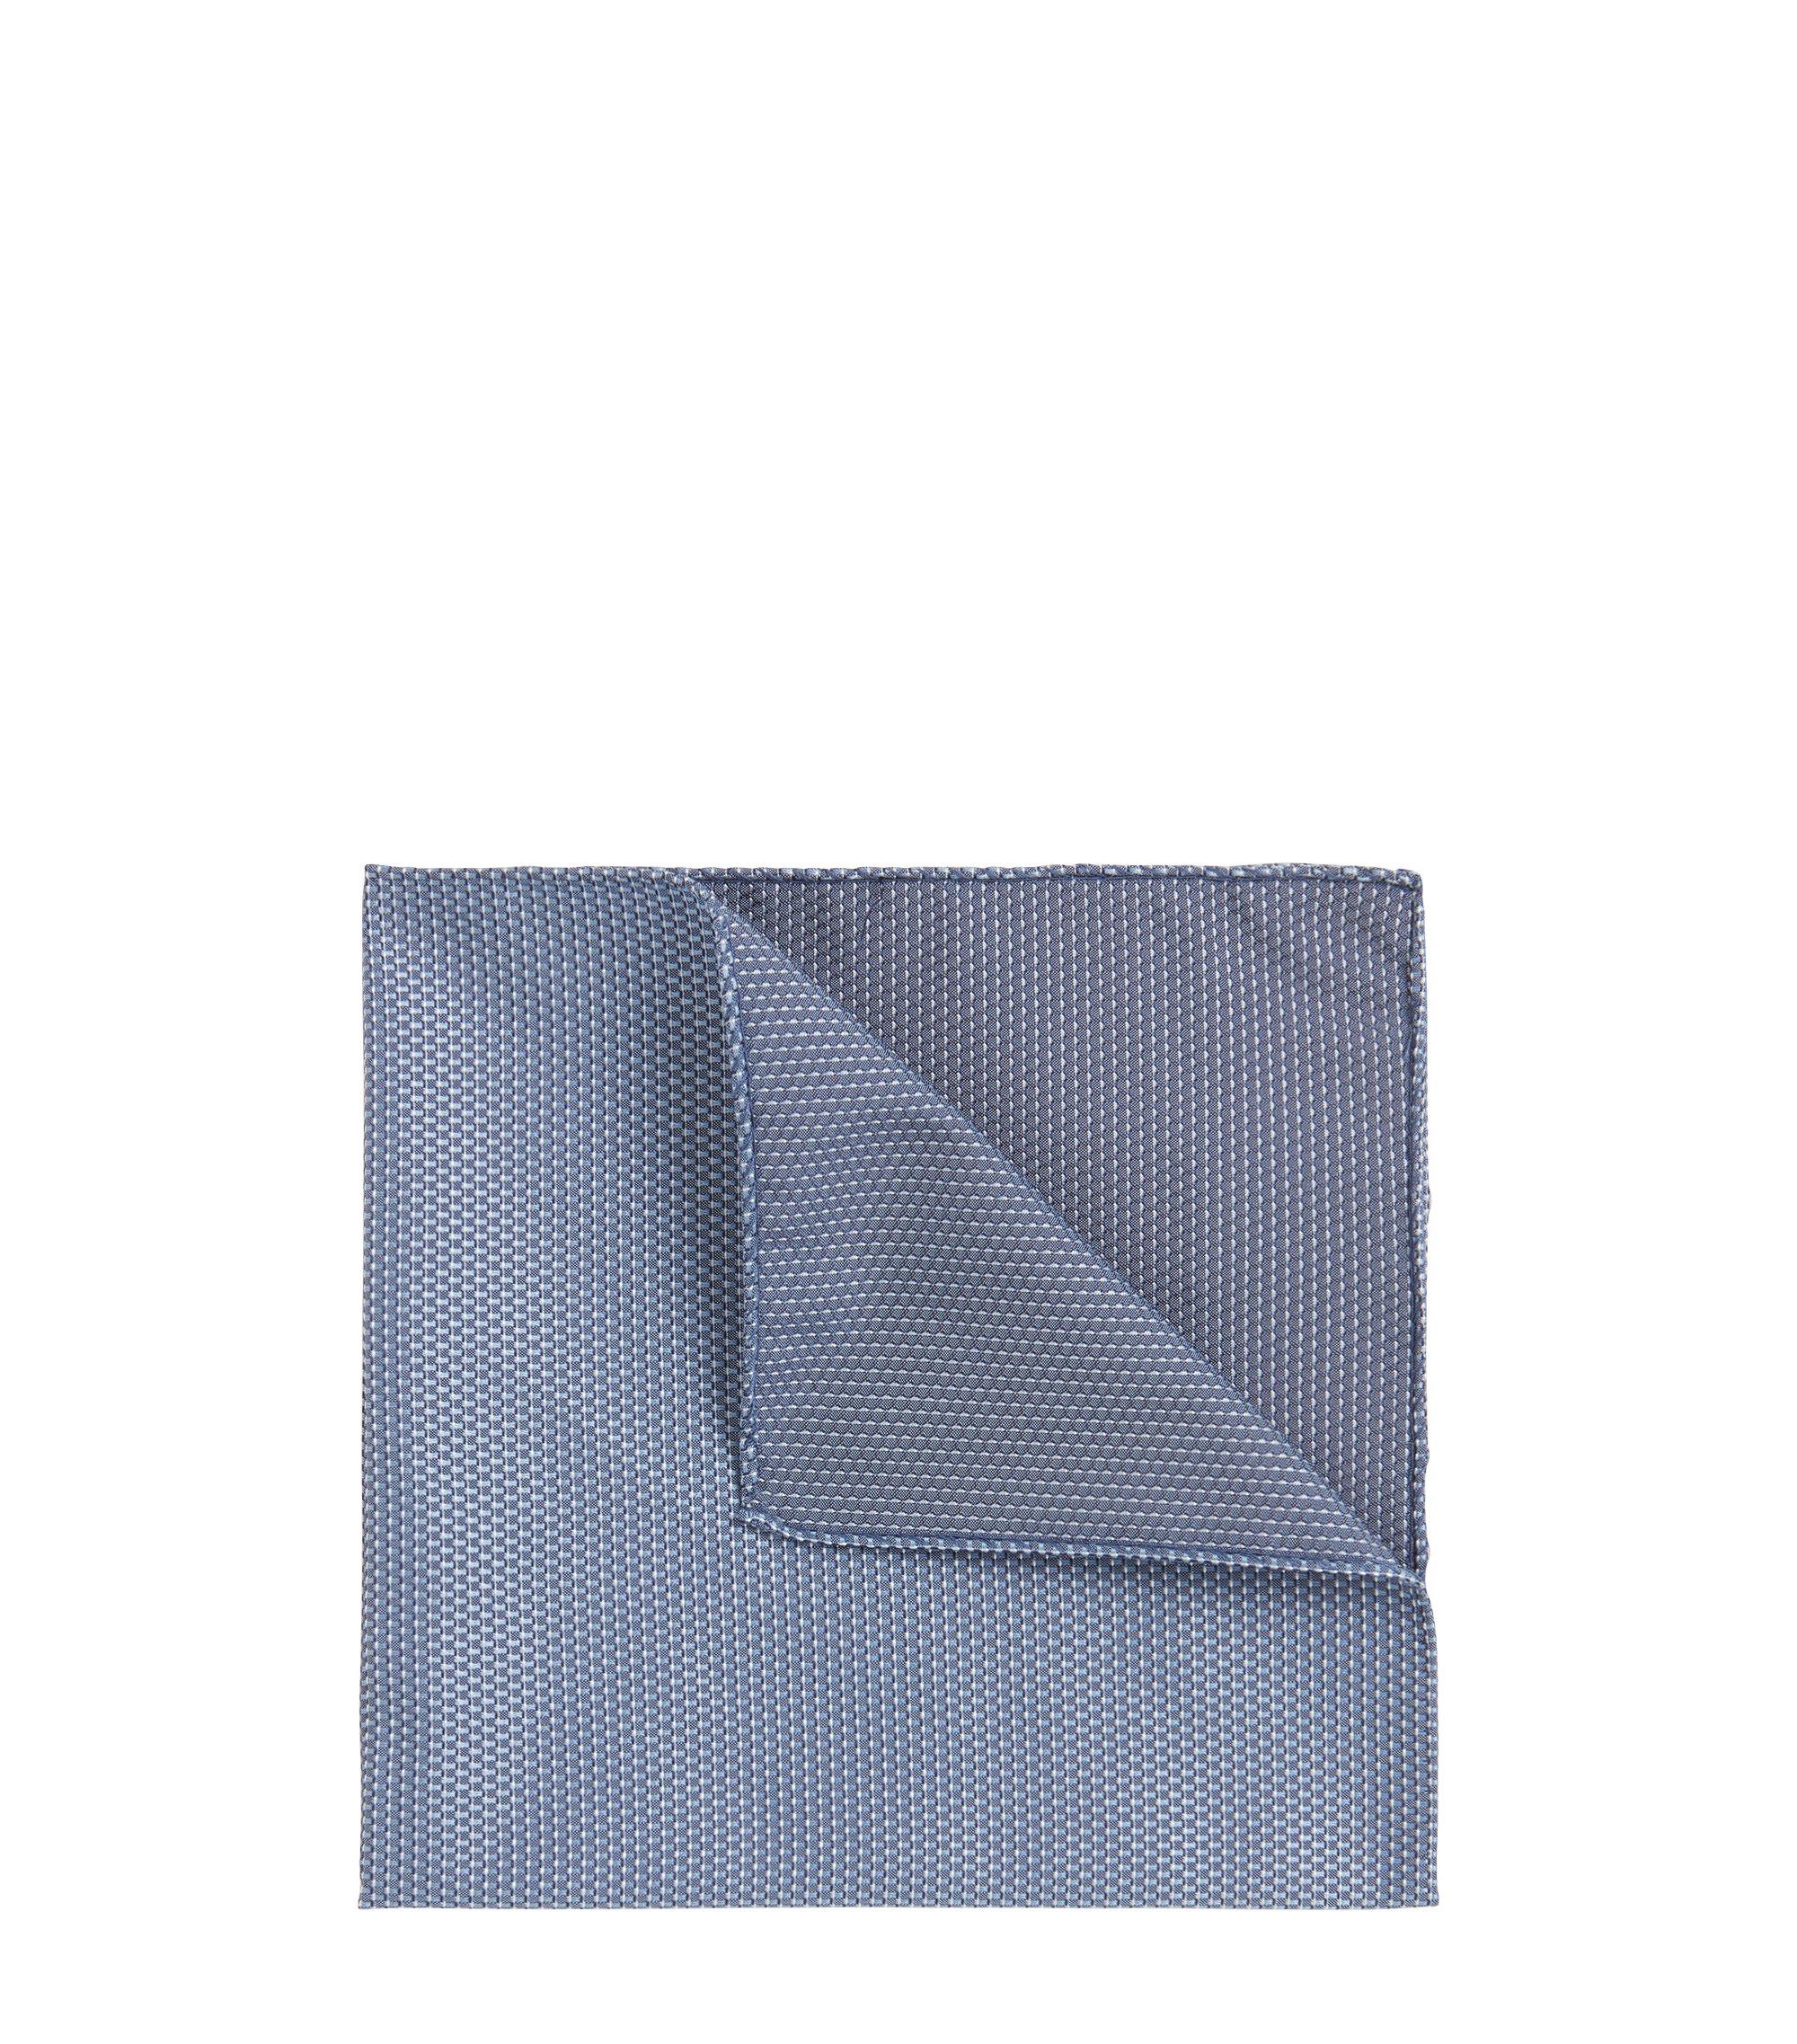 Zweiseitiges Einstecktuch aus Seiden-Jacquard mit feinem Muster, Dunkelblau